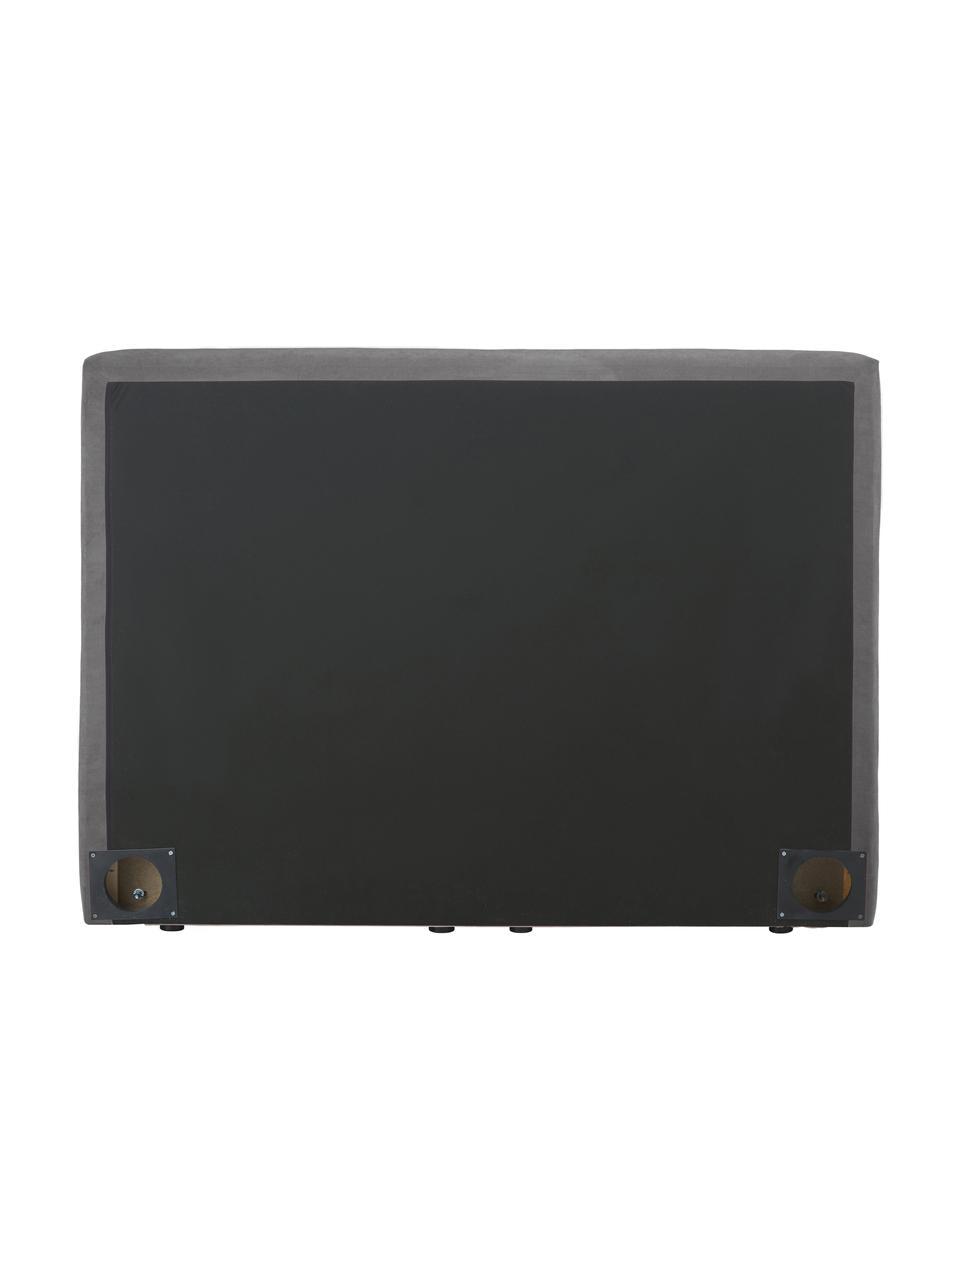 Boxspringbett Oberon in Anthrazit, Matratze: 5-Zonen-Taschenfederkern, Füße: Kunststoff, Webstoff Anthrazit, 200 x 200 cm